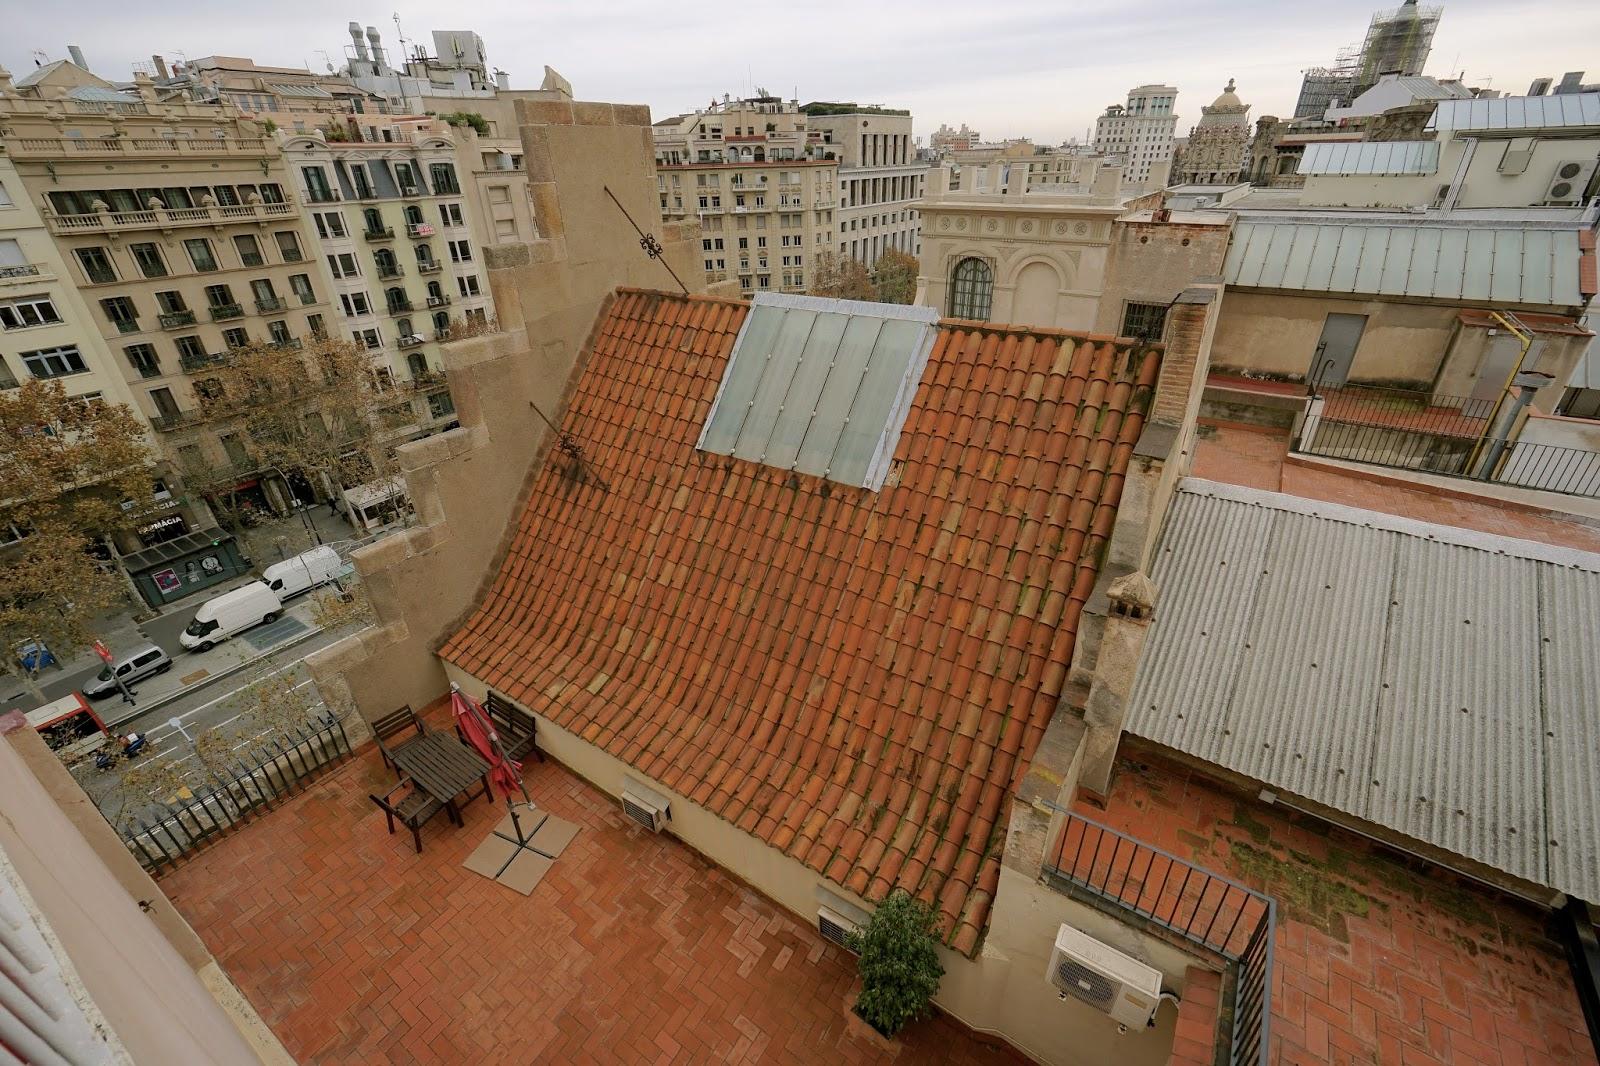 カサ・バトリョ(Casa Batlló)屋上からカサ・アマトリェールを眺める